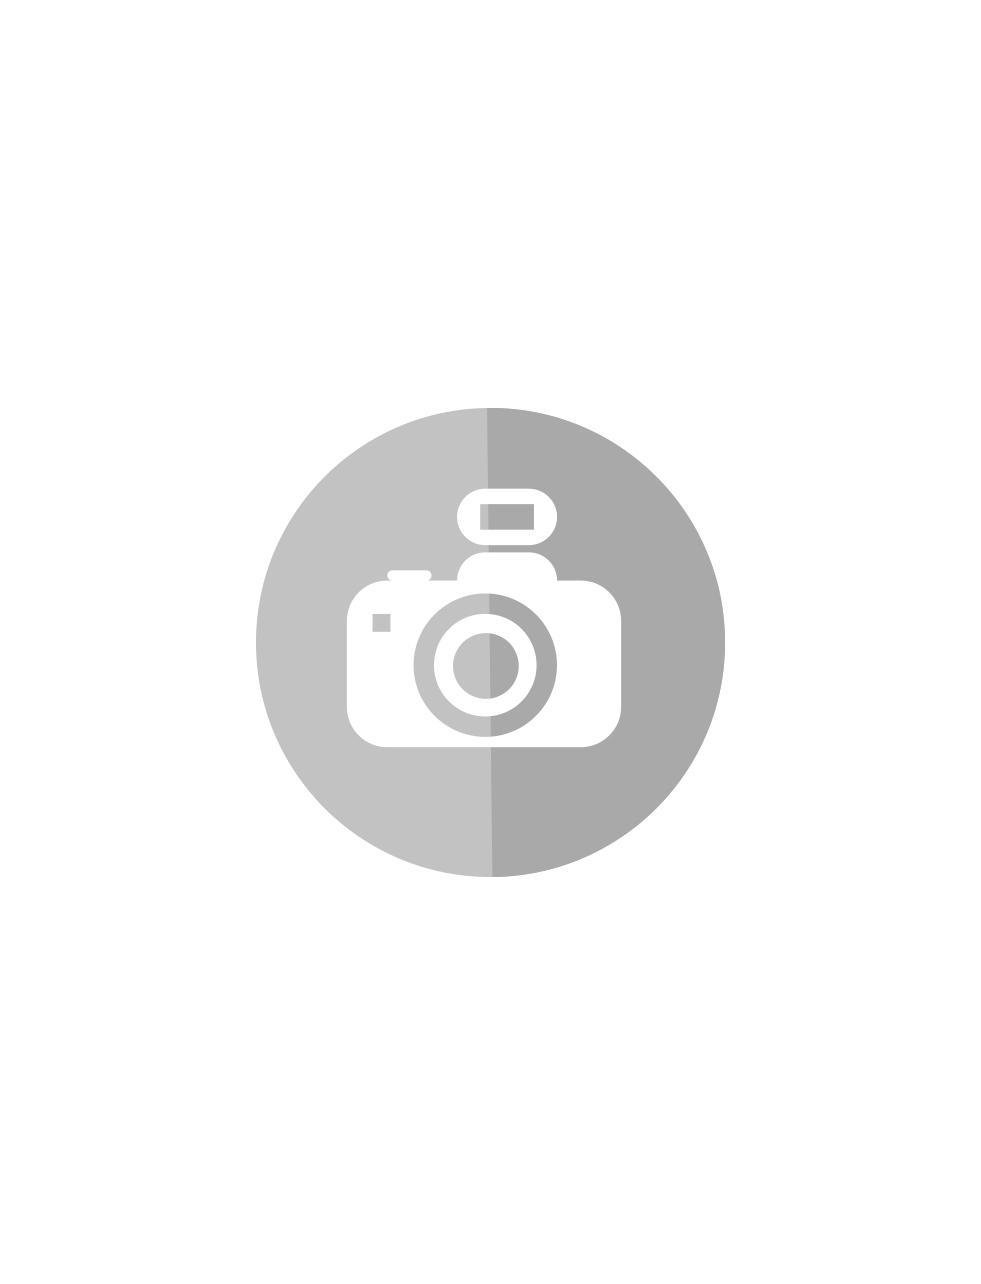 30641005_sparepart/Tragebox-Korpus II